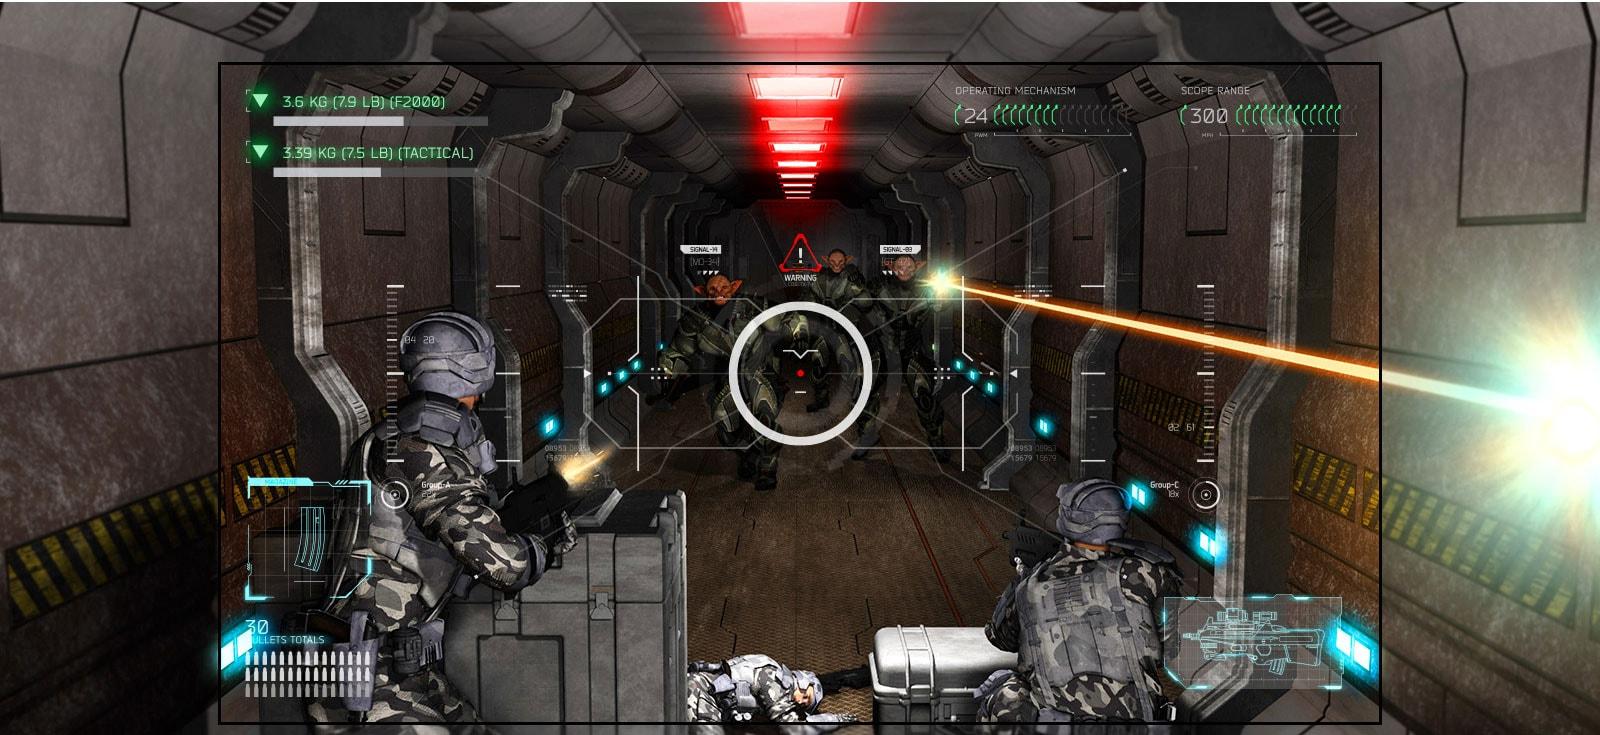 TV menampilkan adegan game menembak dengan pemain kalah dari alien bersenjata.